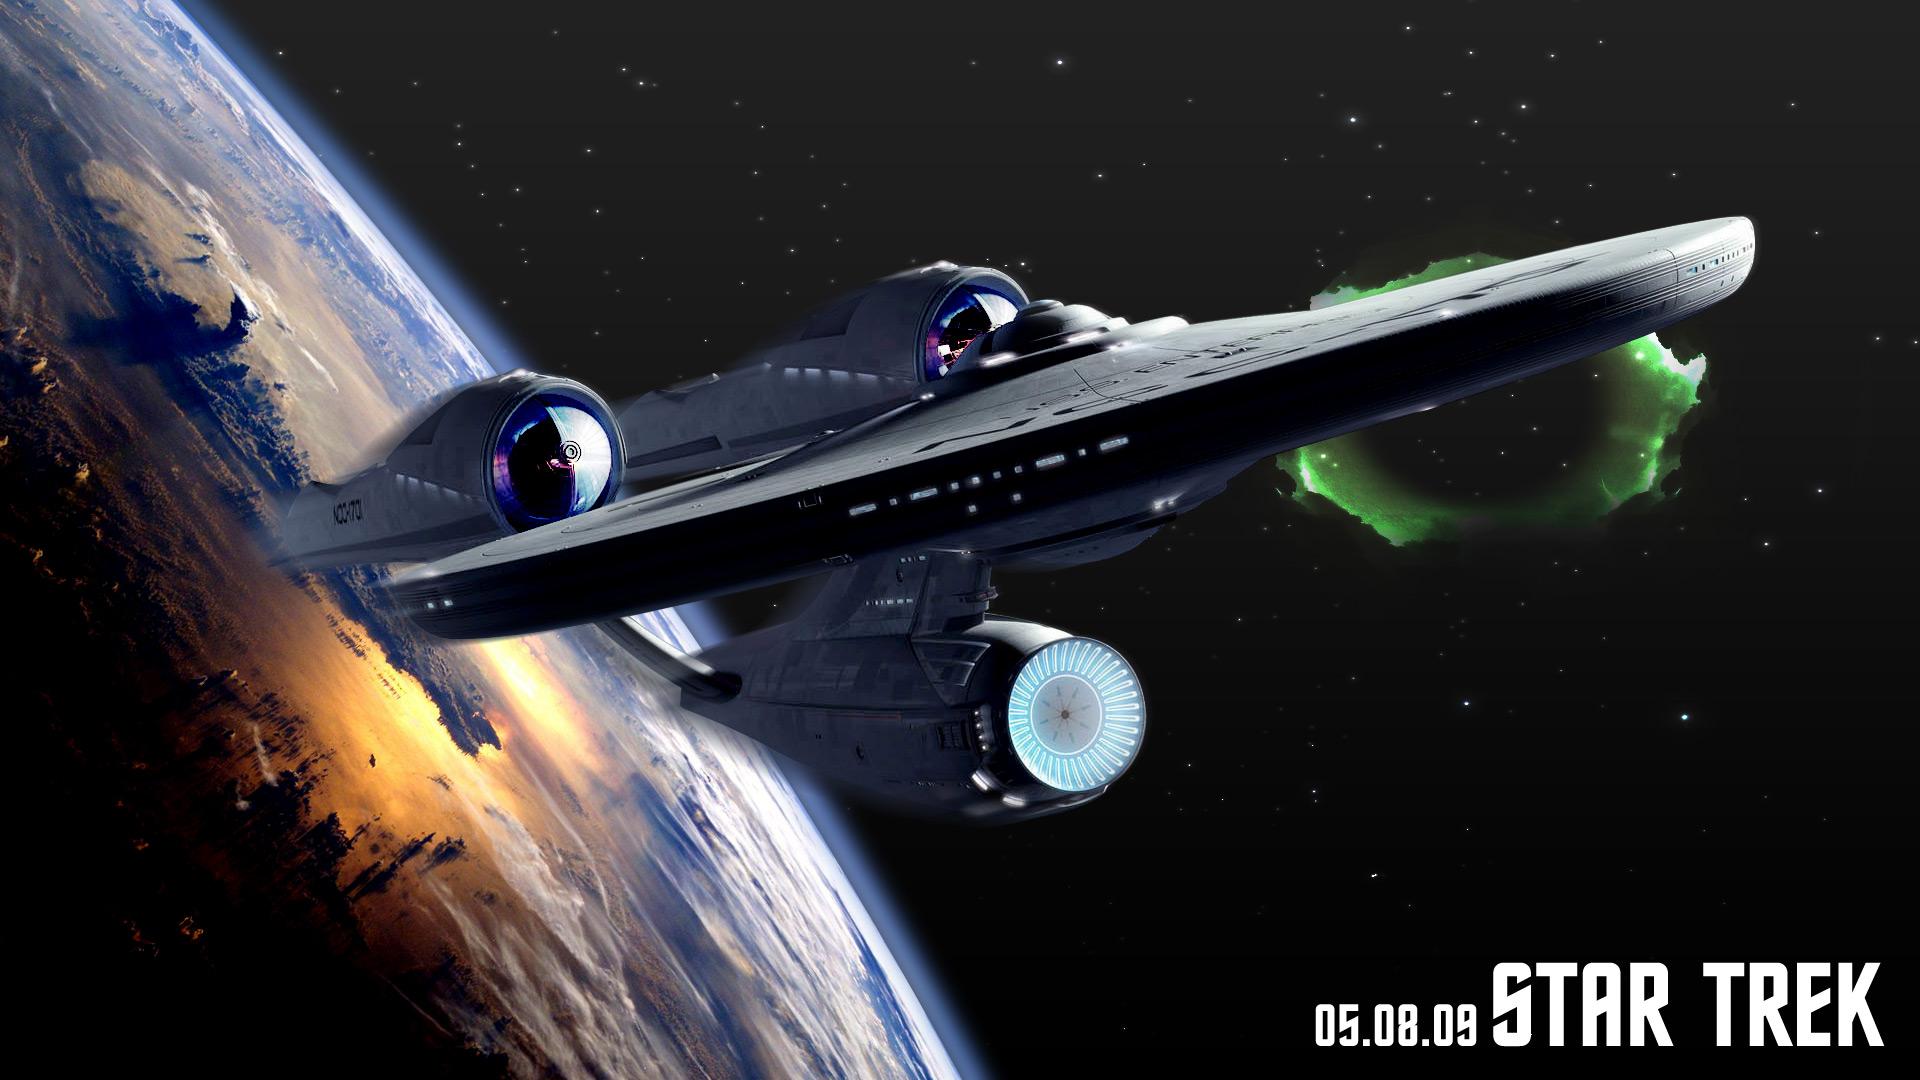 Star Trek Movie - Star Trek Movie